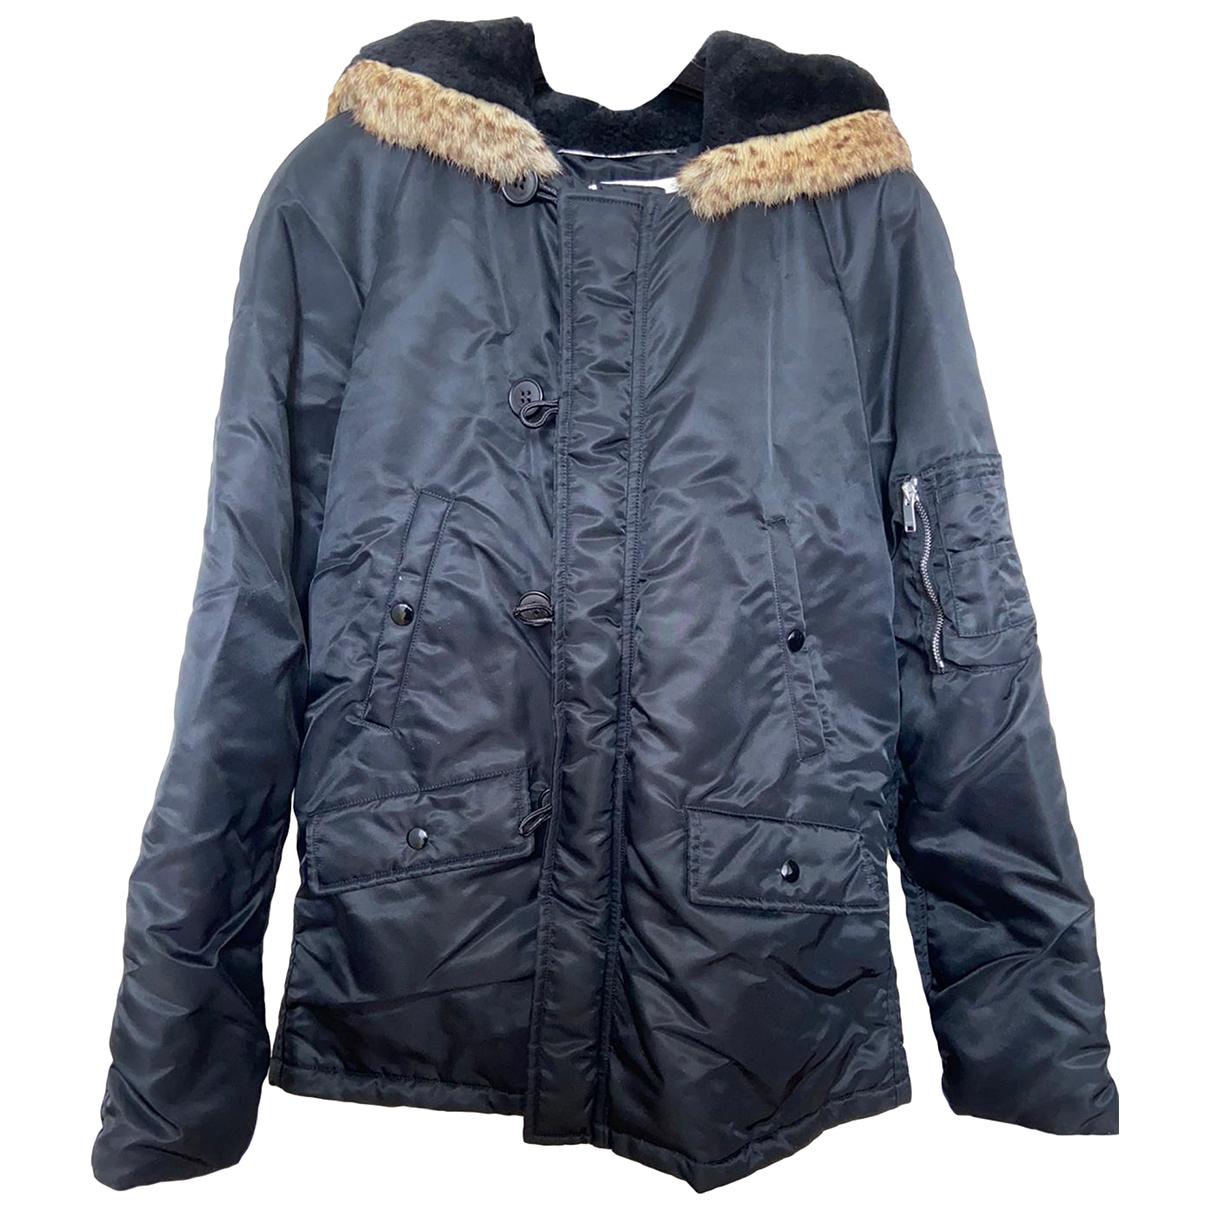 Saint Laurent - Manteau   pour homme en agneau de mongolie - noir